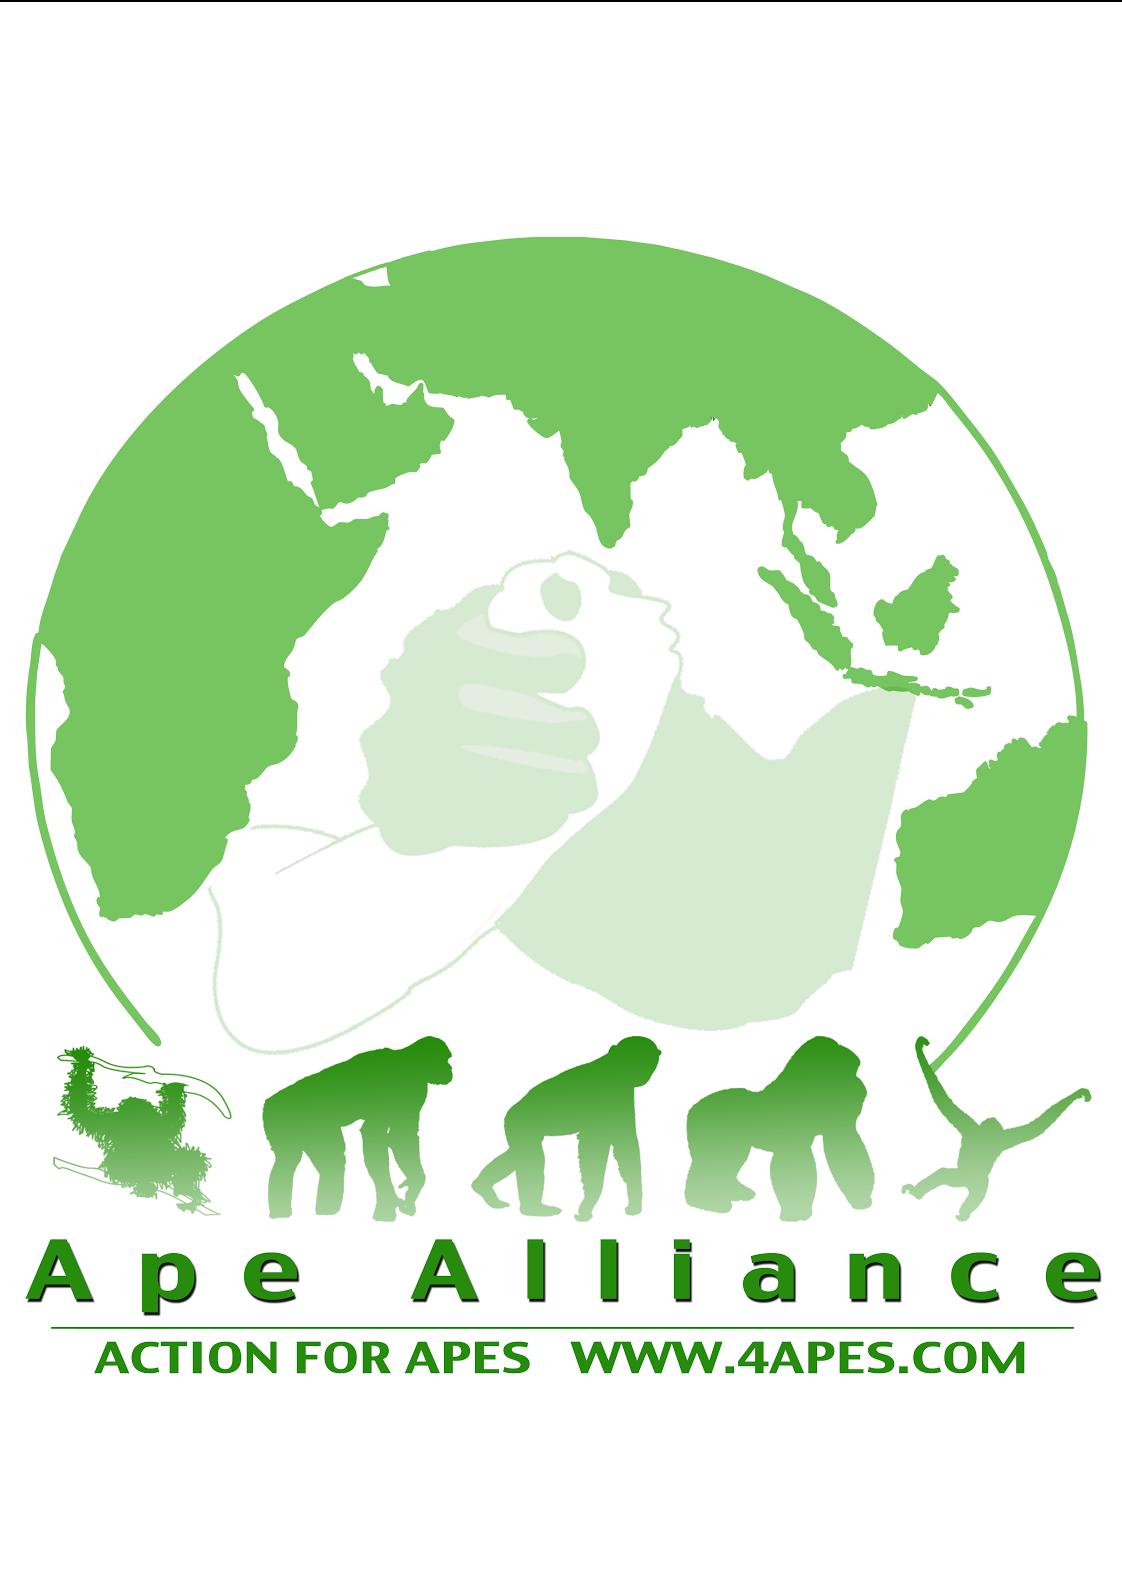 logo for Ape Alliance